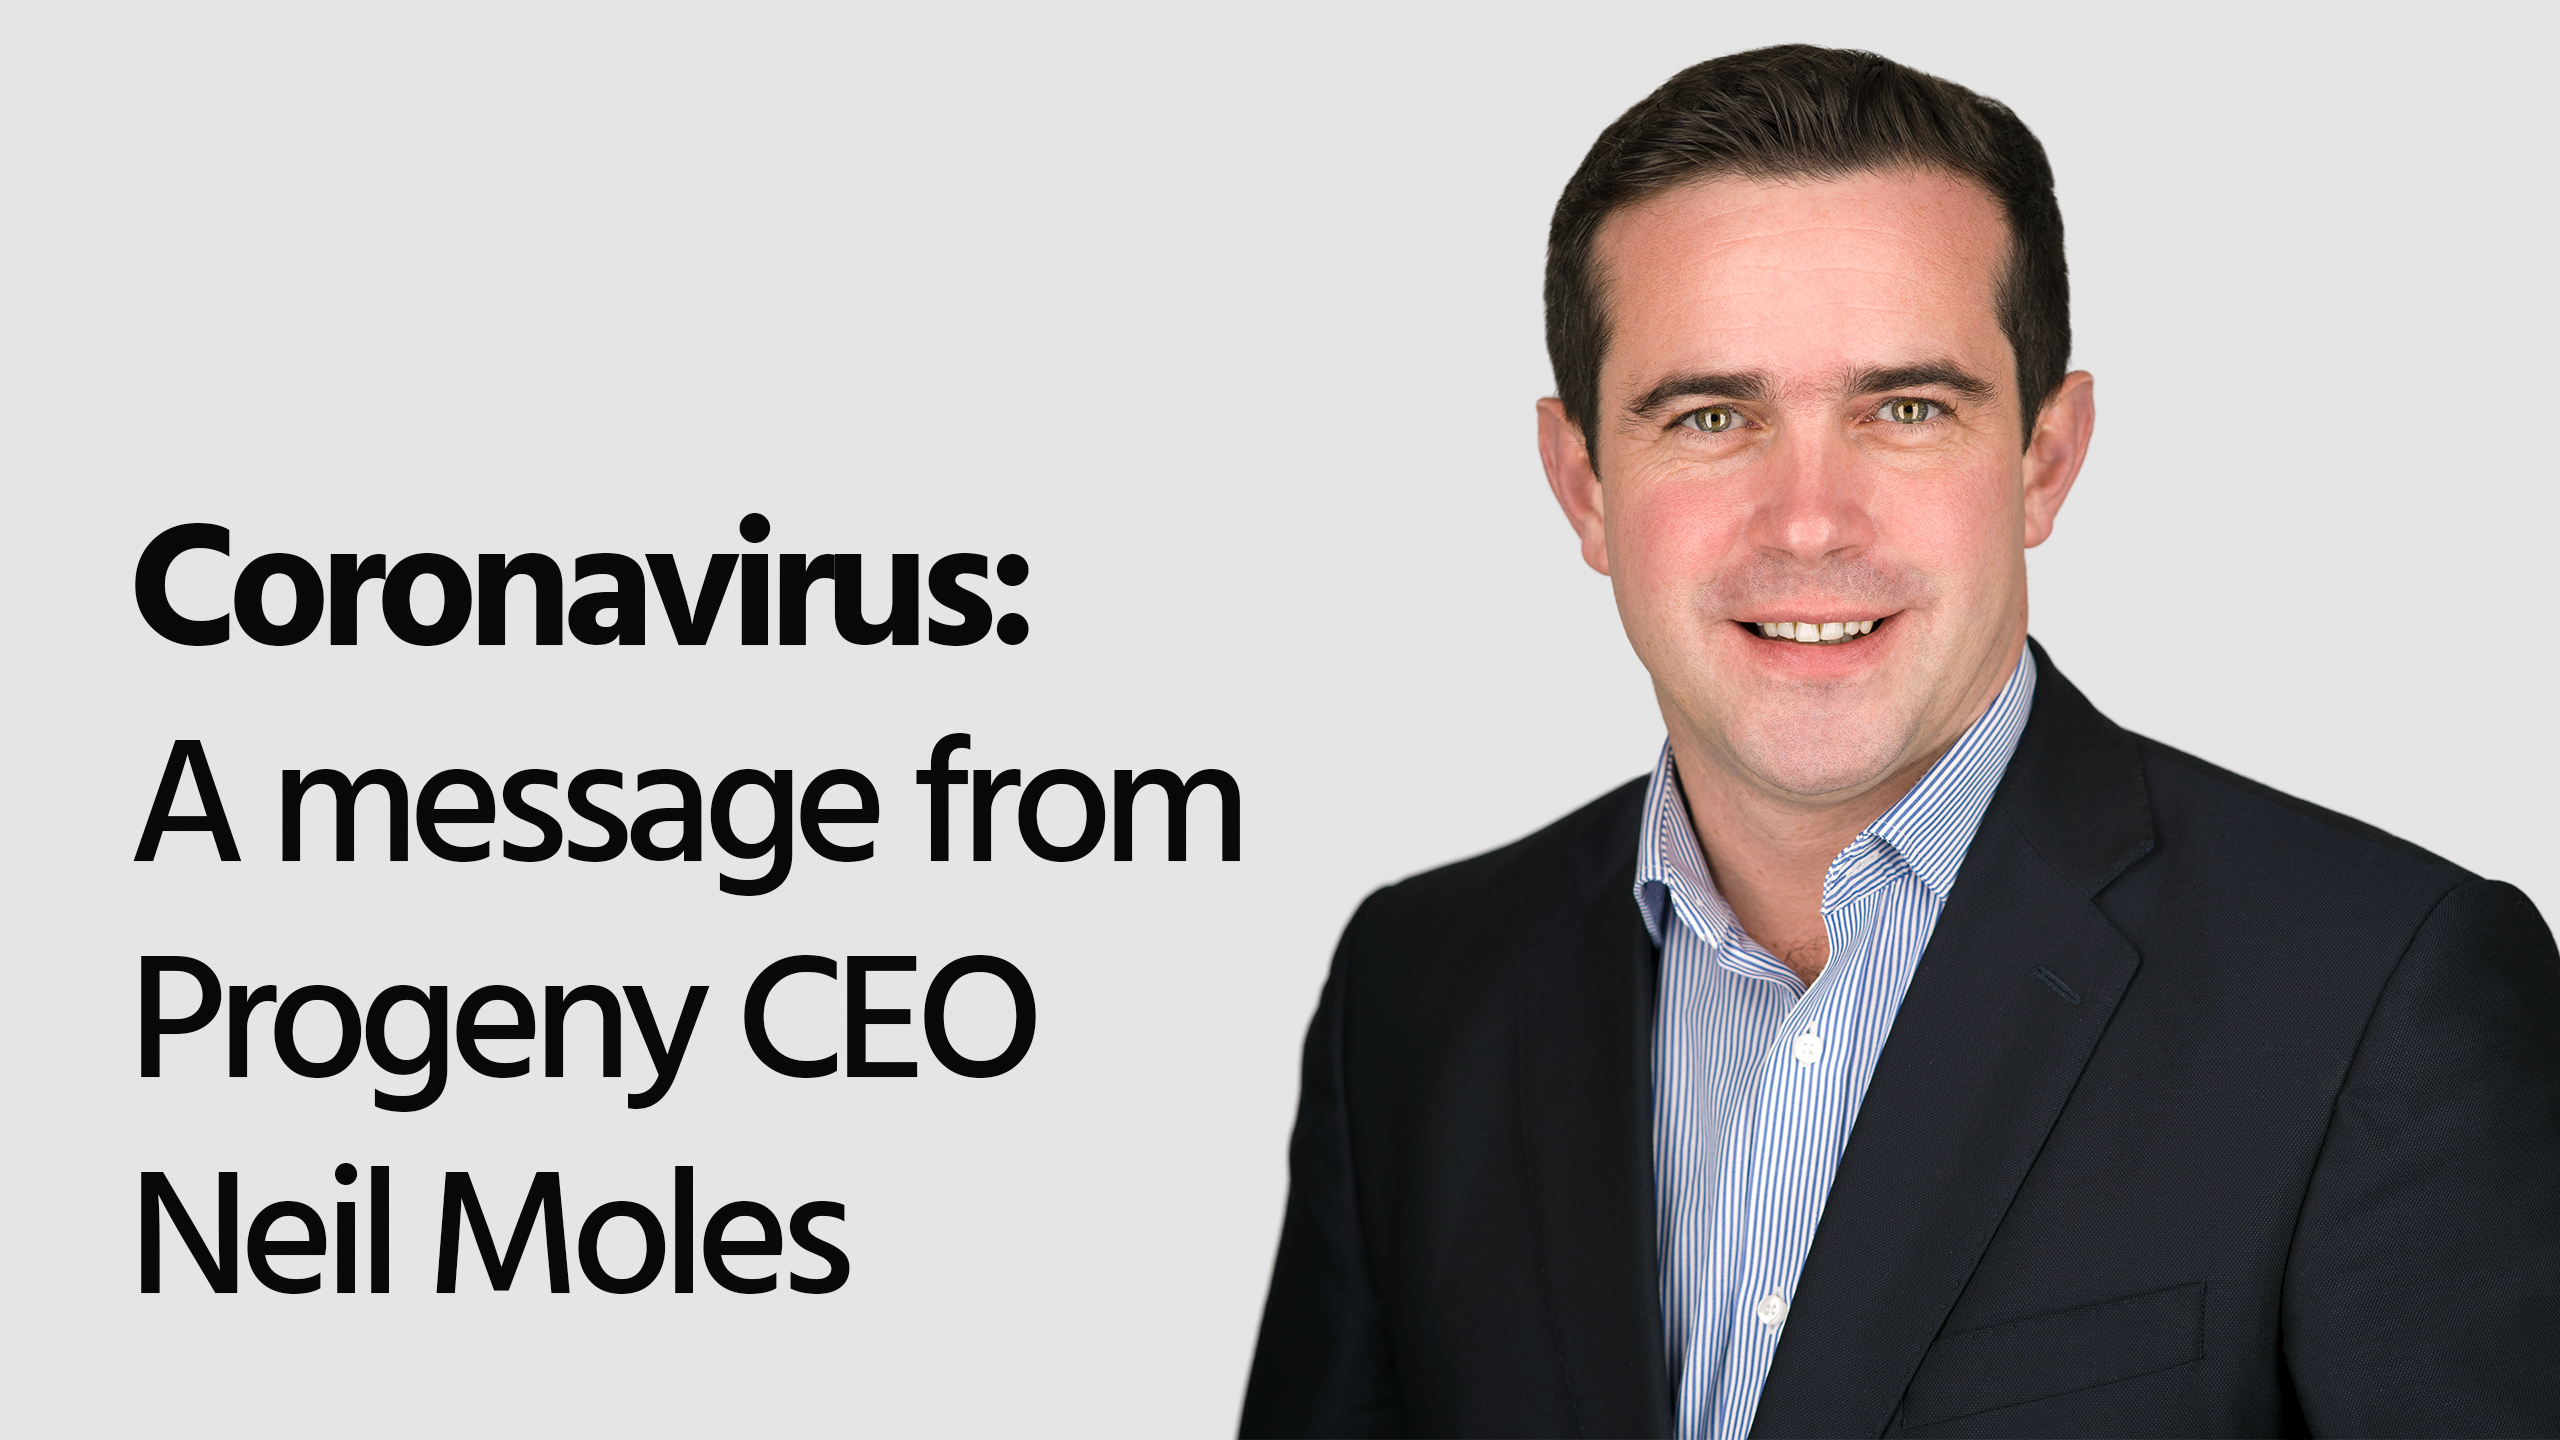 Coronavirus: A message from Progeny CEO Neil Moles